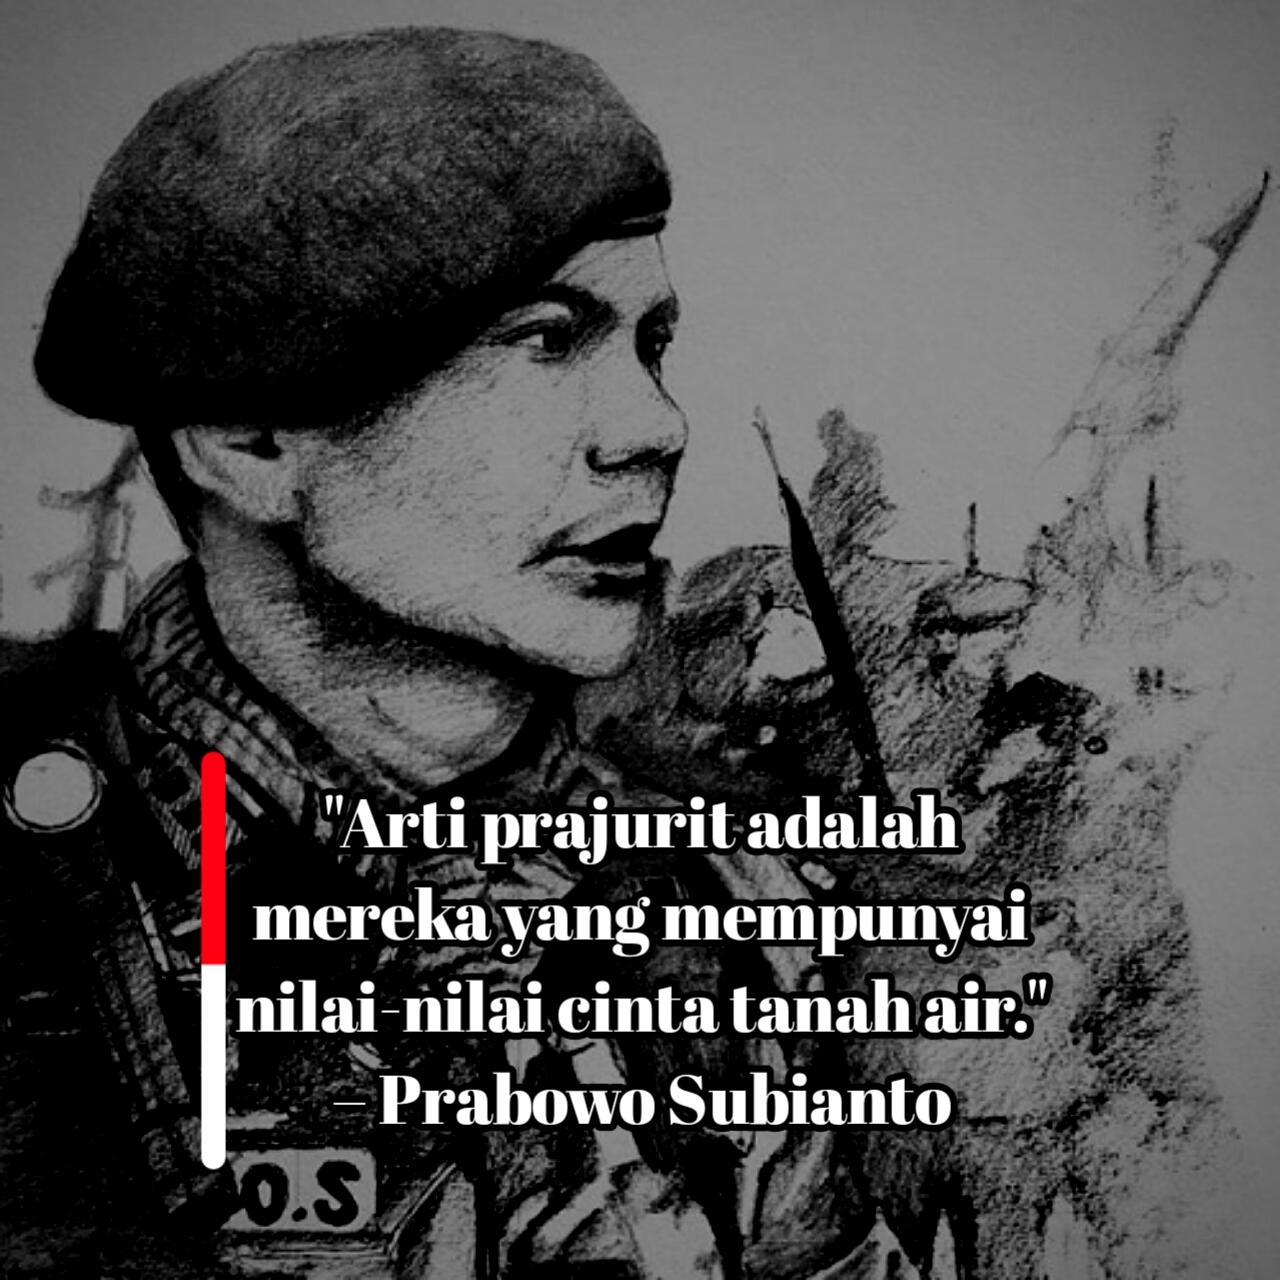 16. Kata Motivasi Bijak Prabowo Subianto Yang Menginspirasi Dalam Kehidupan